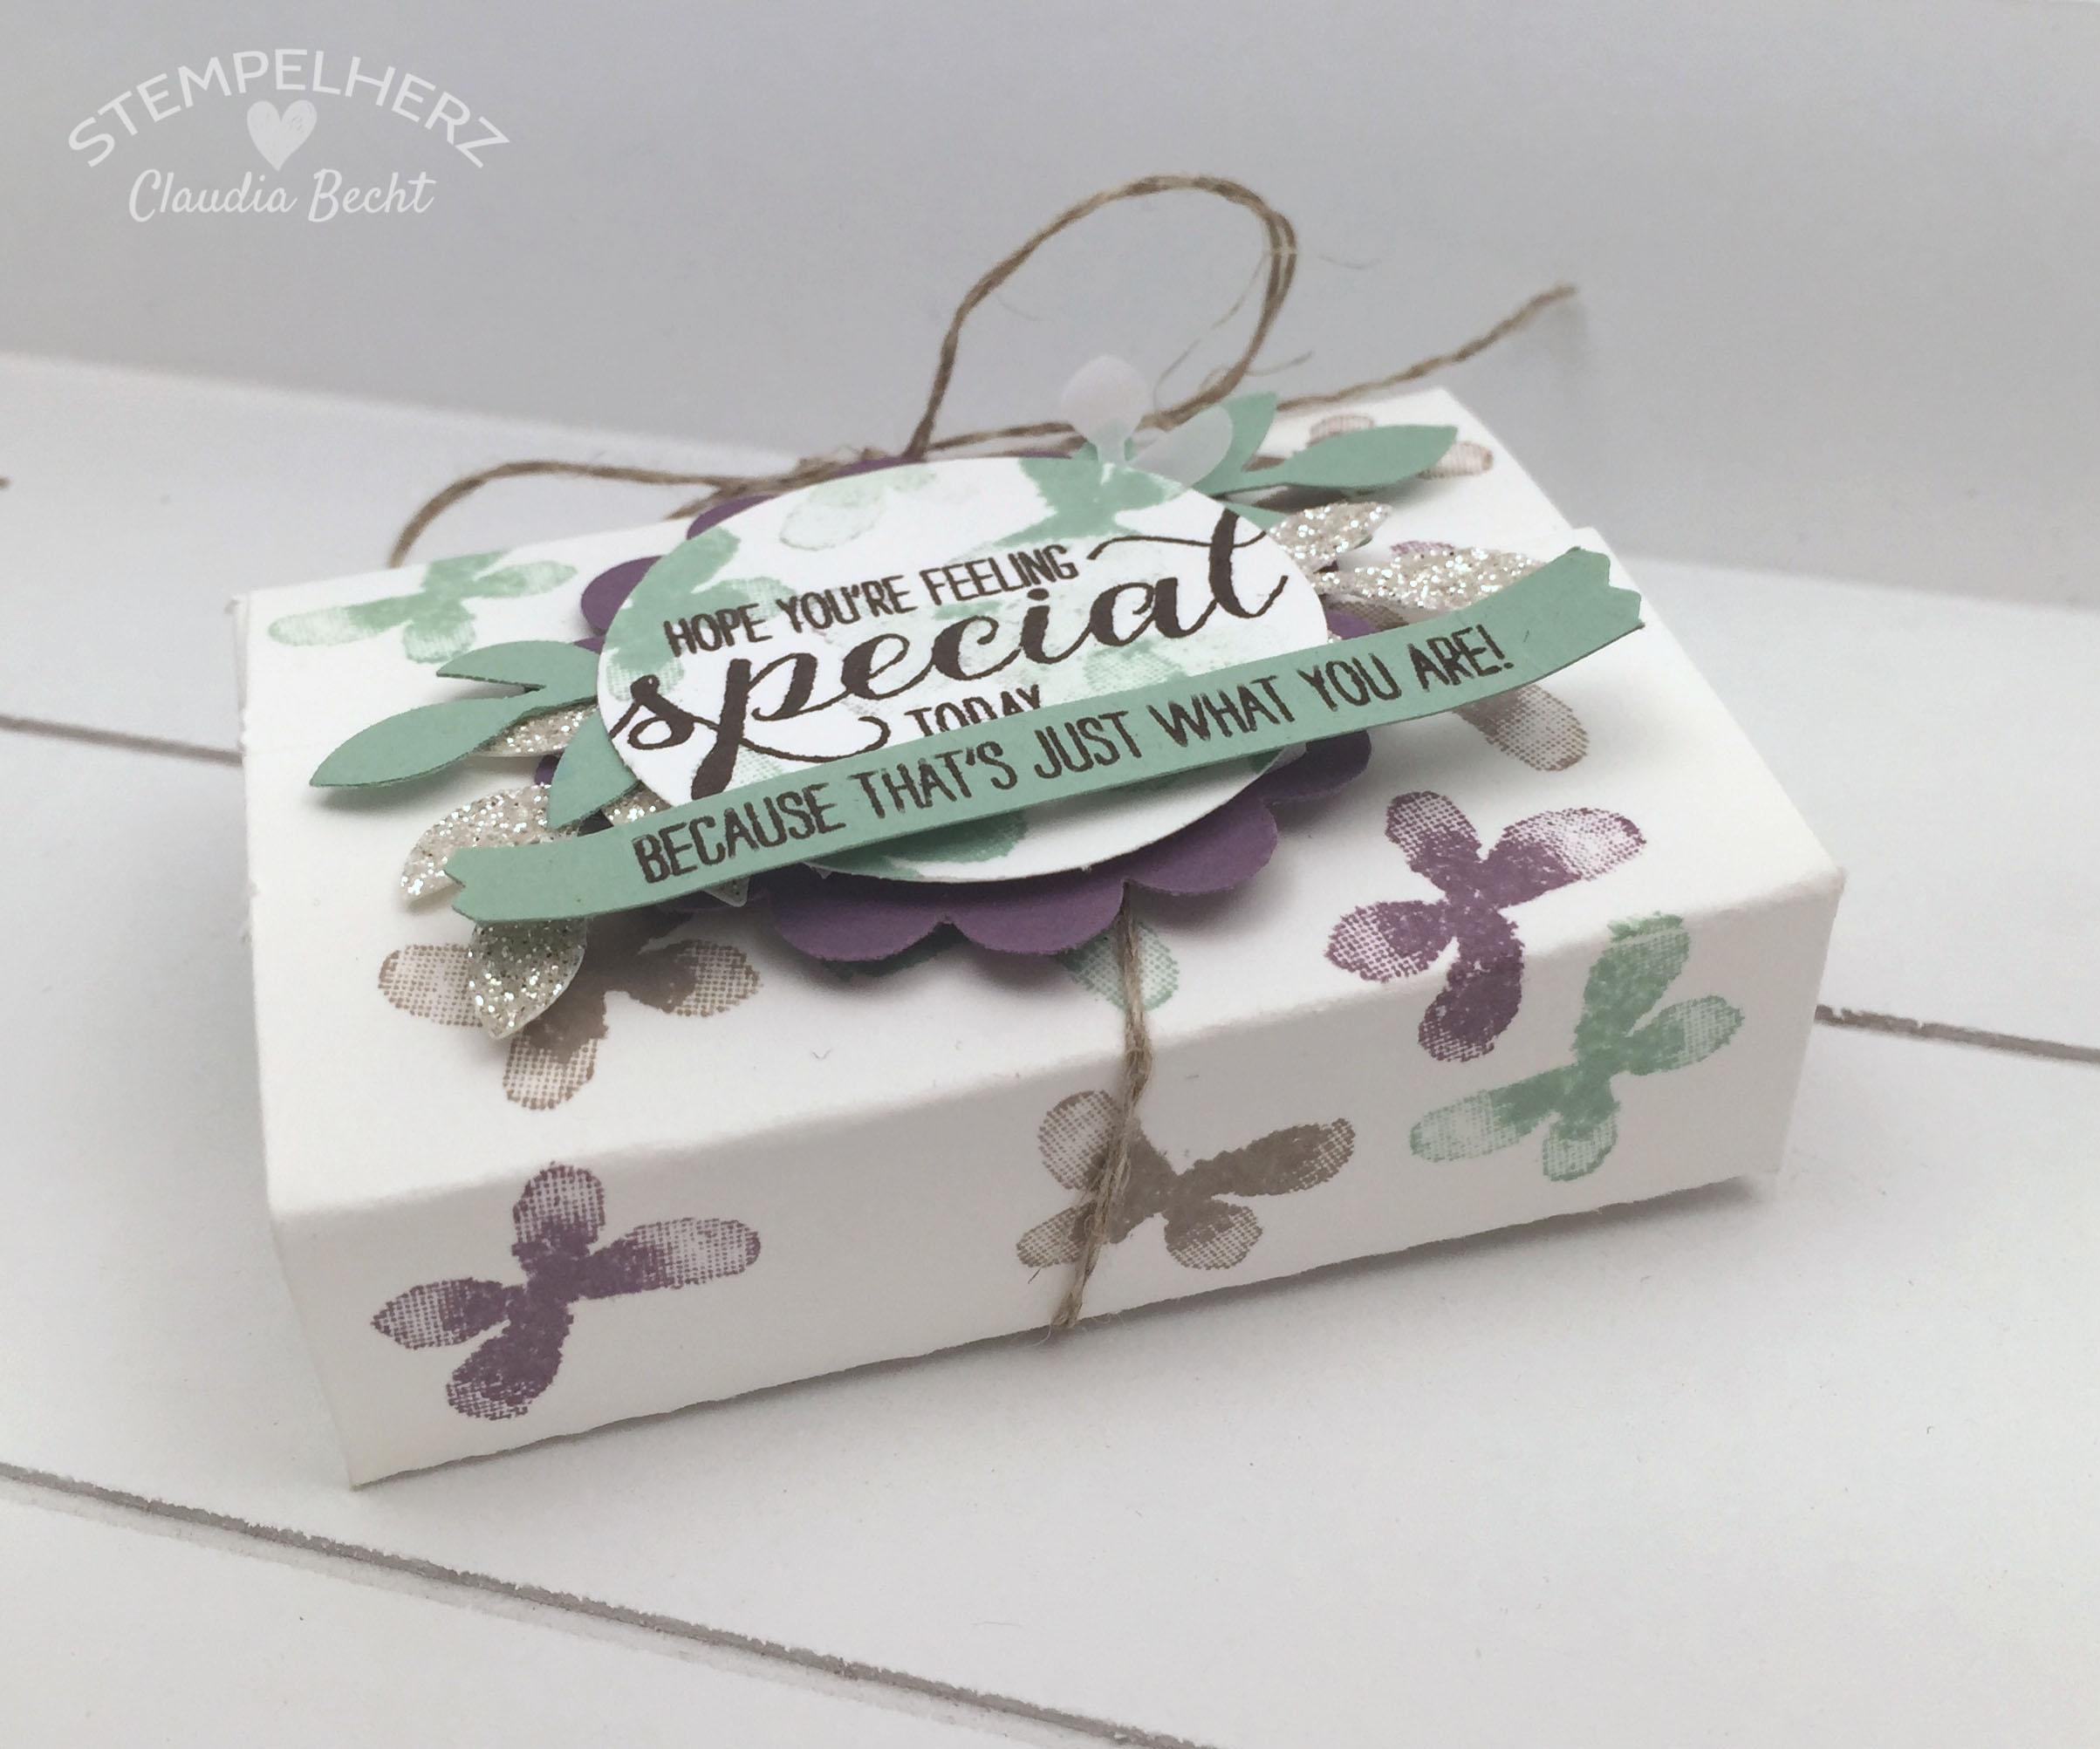 Stampin Up-Stempelherz-Verpackung-Box-Geschenk-Garden in Bloom-Geschenkverpackung Garden in Bloom 01b